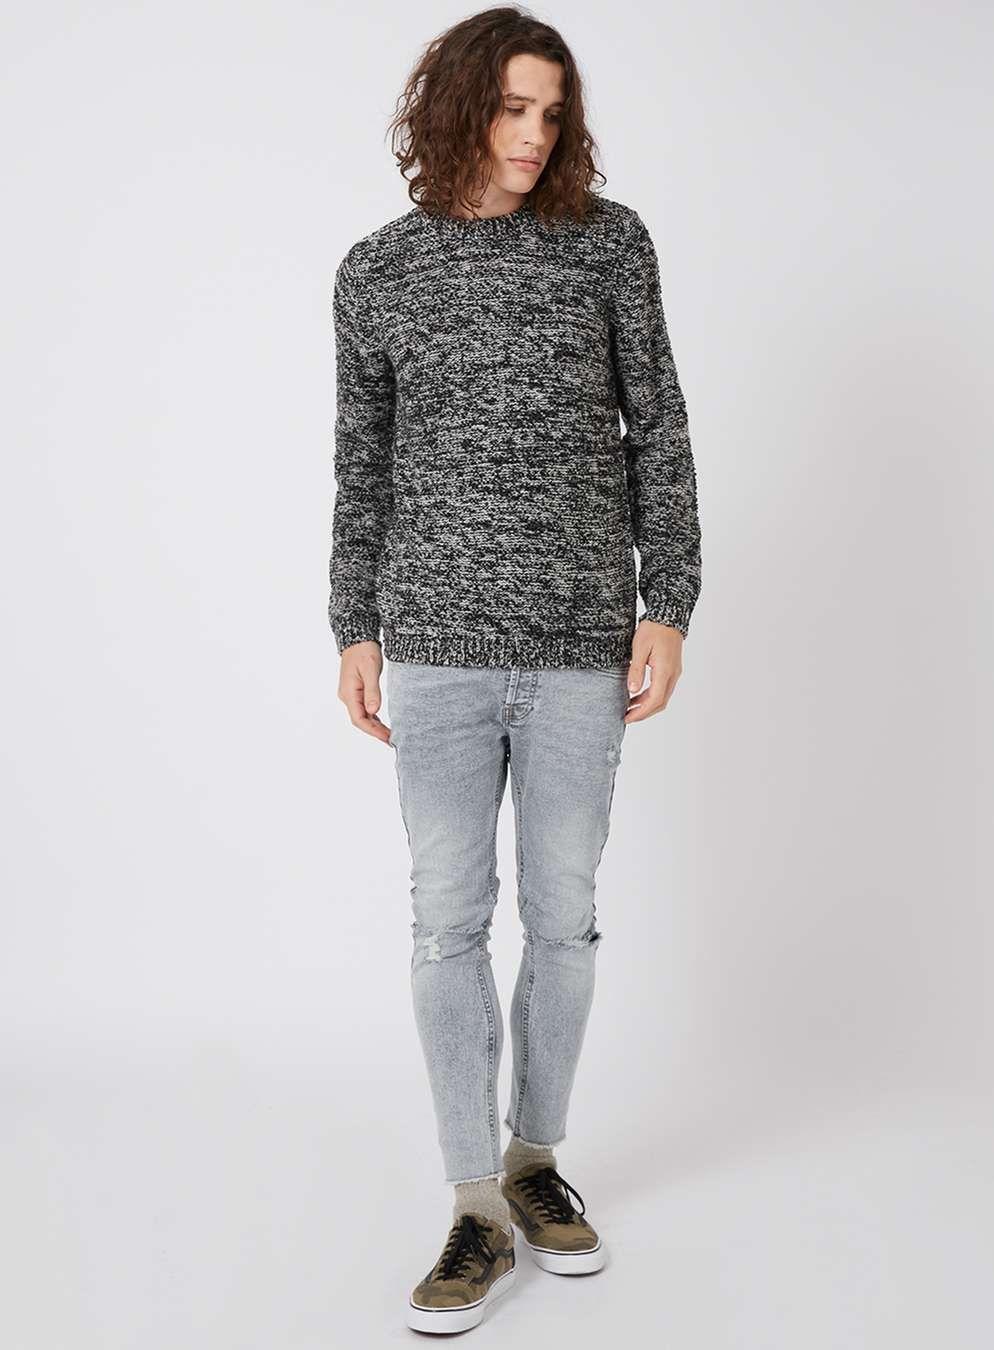 Schmaler Pullover mit unregelmäßiger Struktur, schwarz und weiß